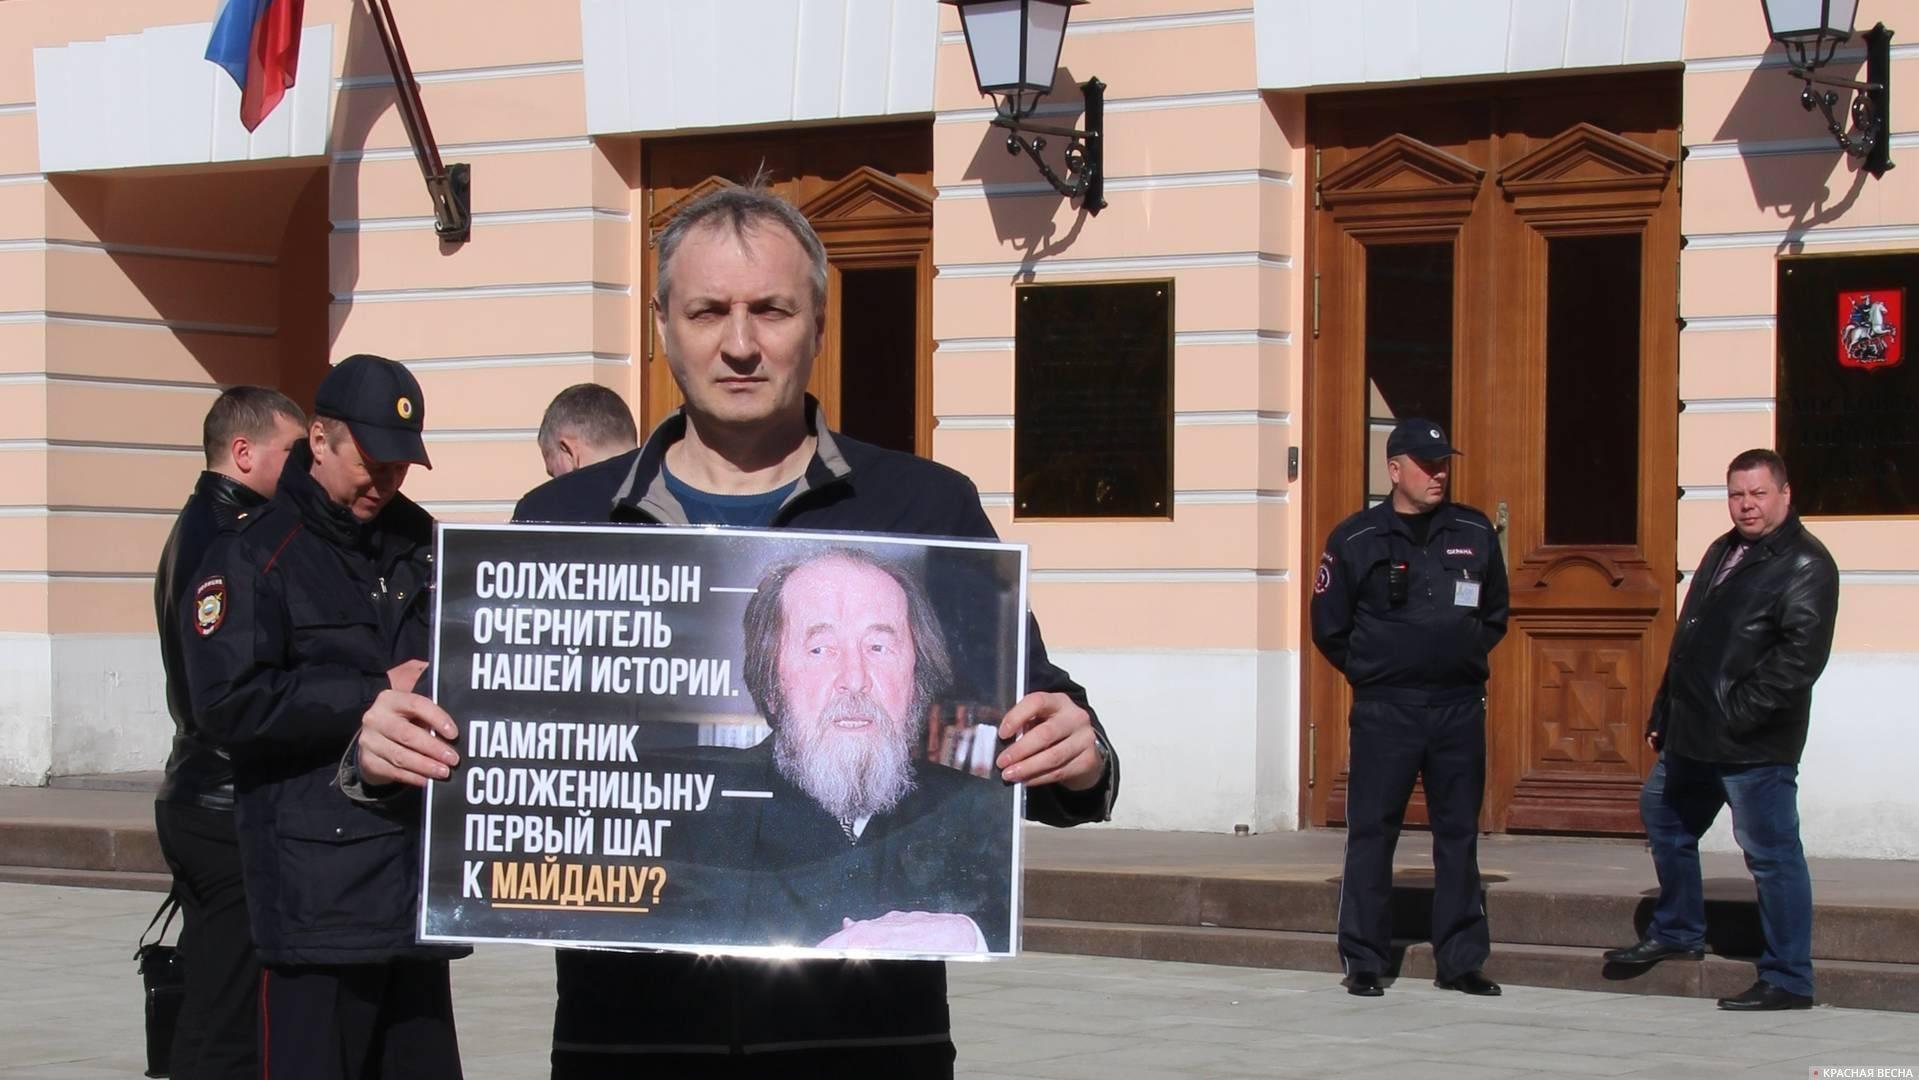 Пикет Движения «Суть времени» против установки памятника Солженицыну. 27 июля 2018 года, Москва